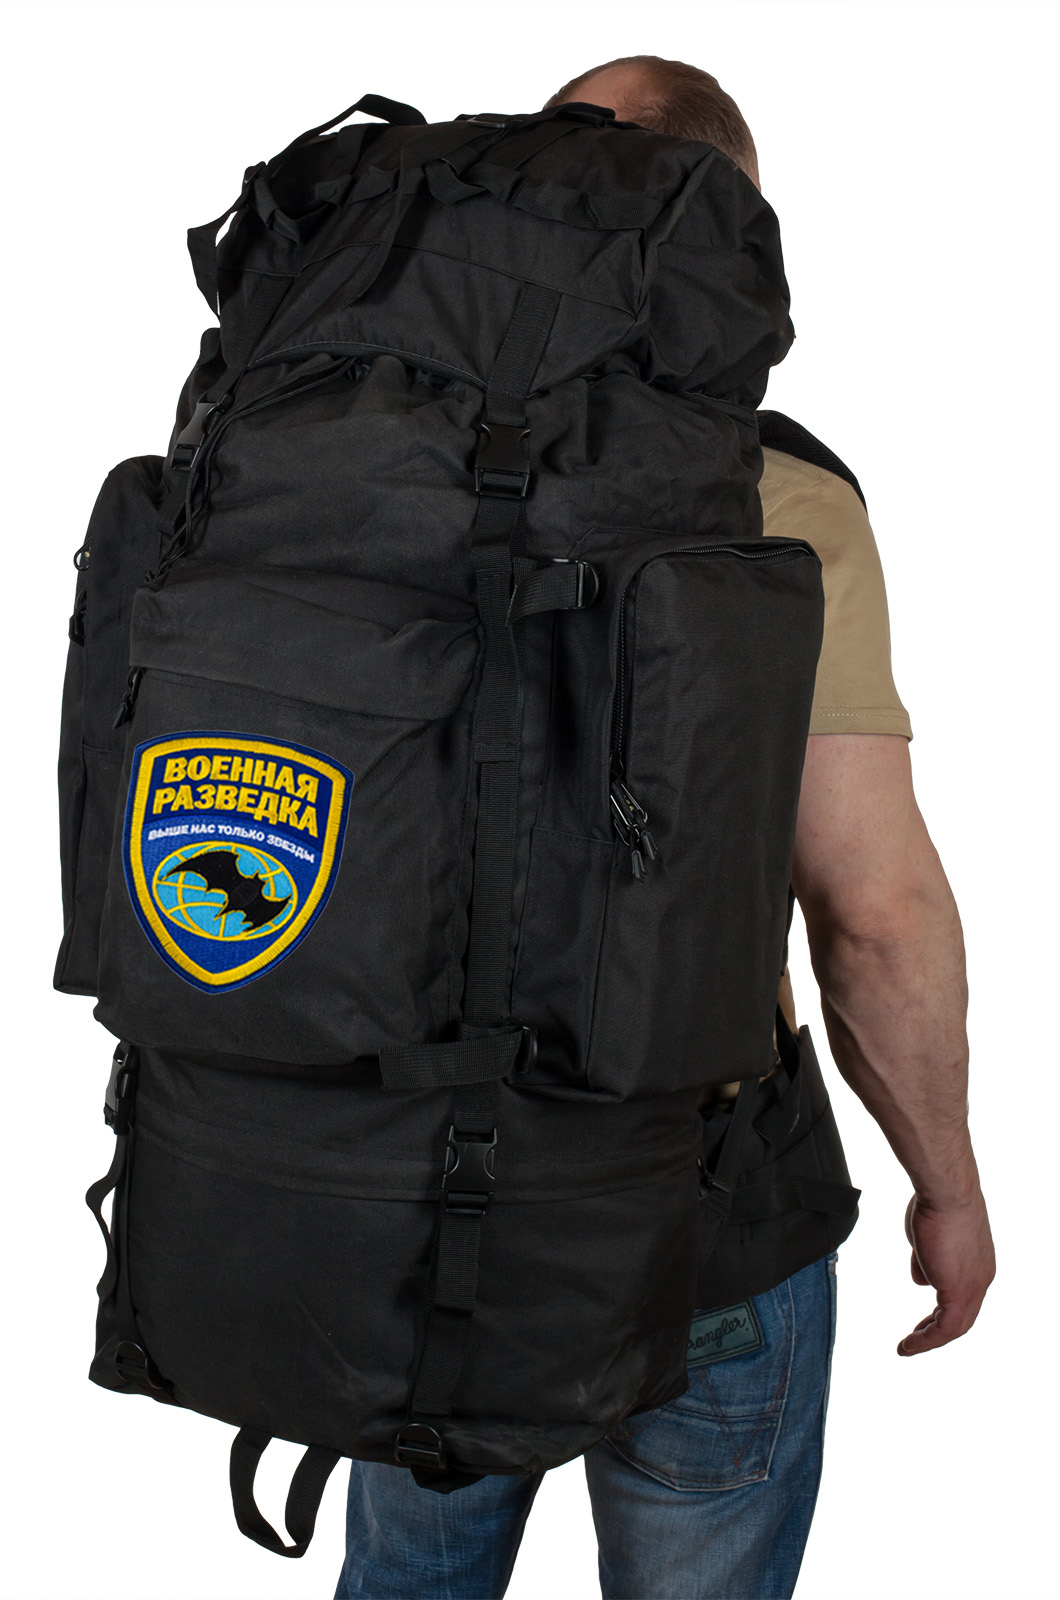 Тактические рюкзаки Max Fuchs всех видов и размеров оптом и в розницу